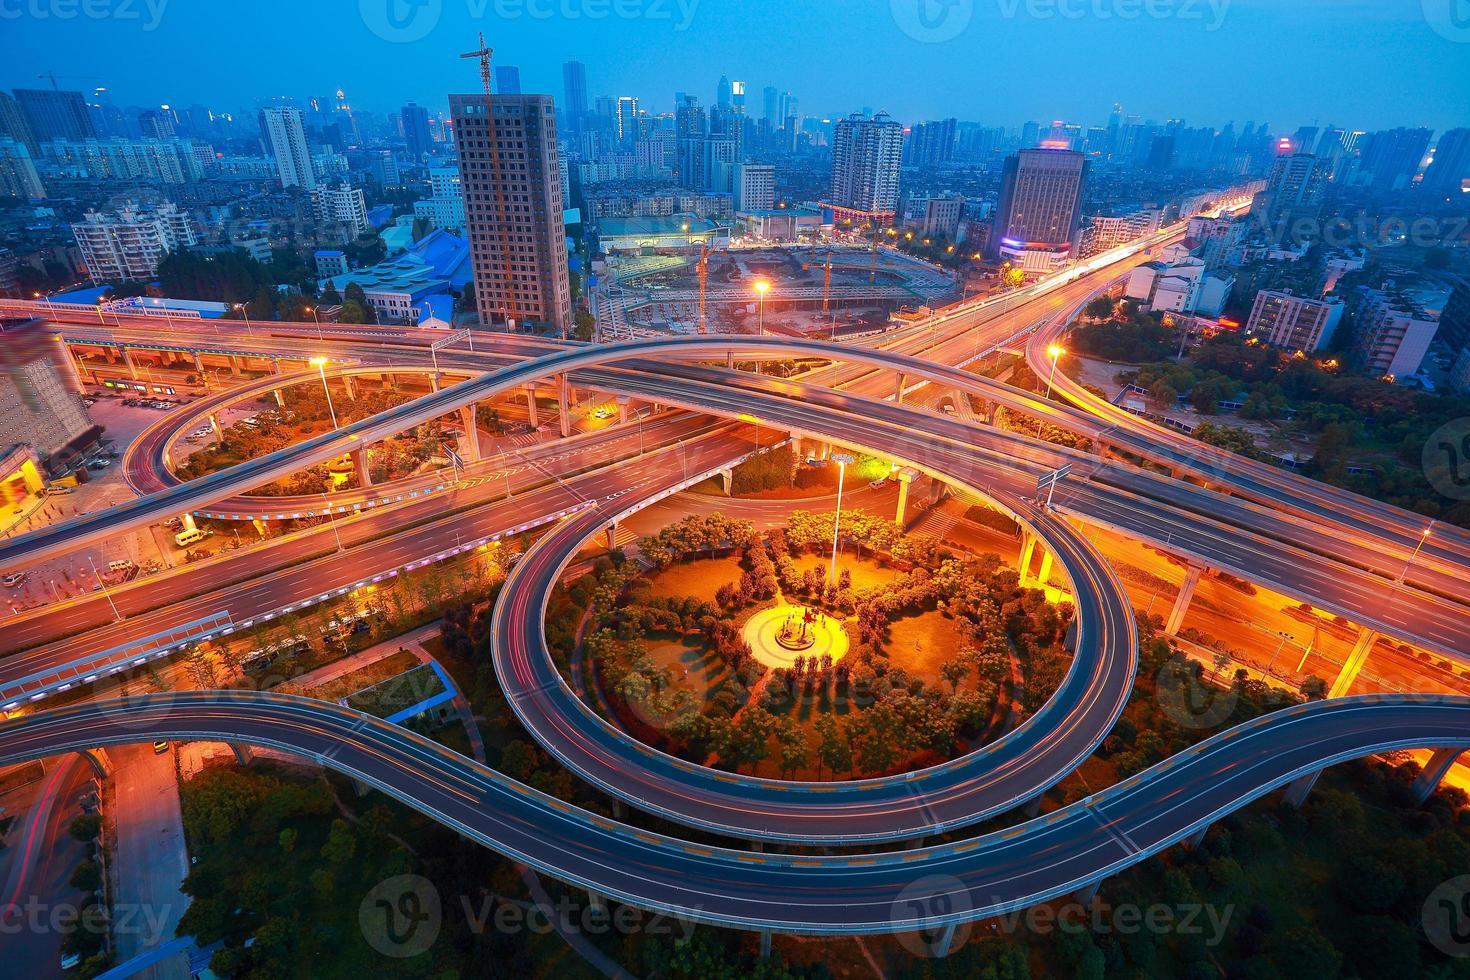 luchtfoto van de stad viaduct weg nachtbeeld foto